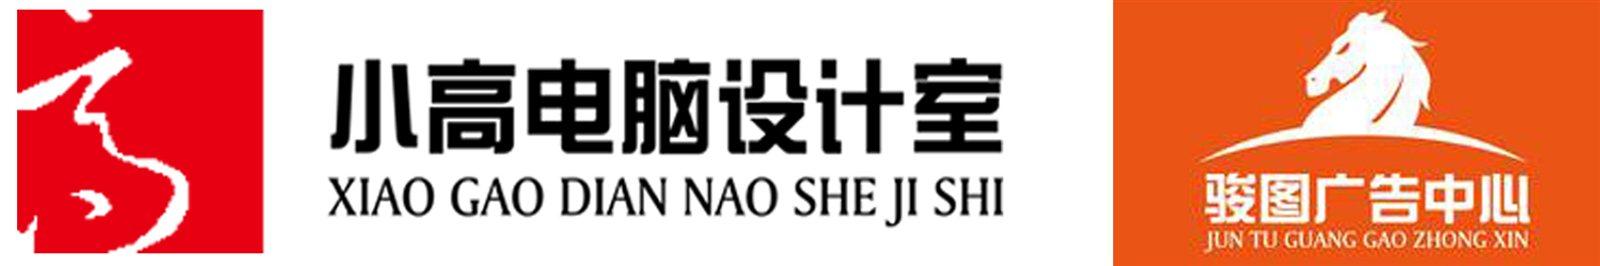 凌源市骏图广告